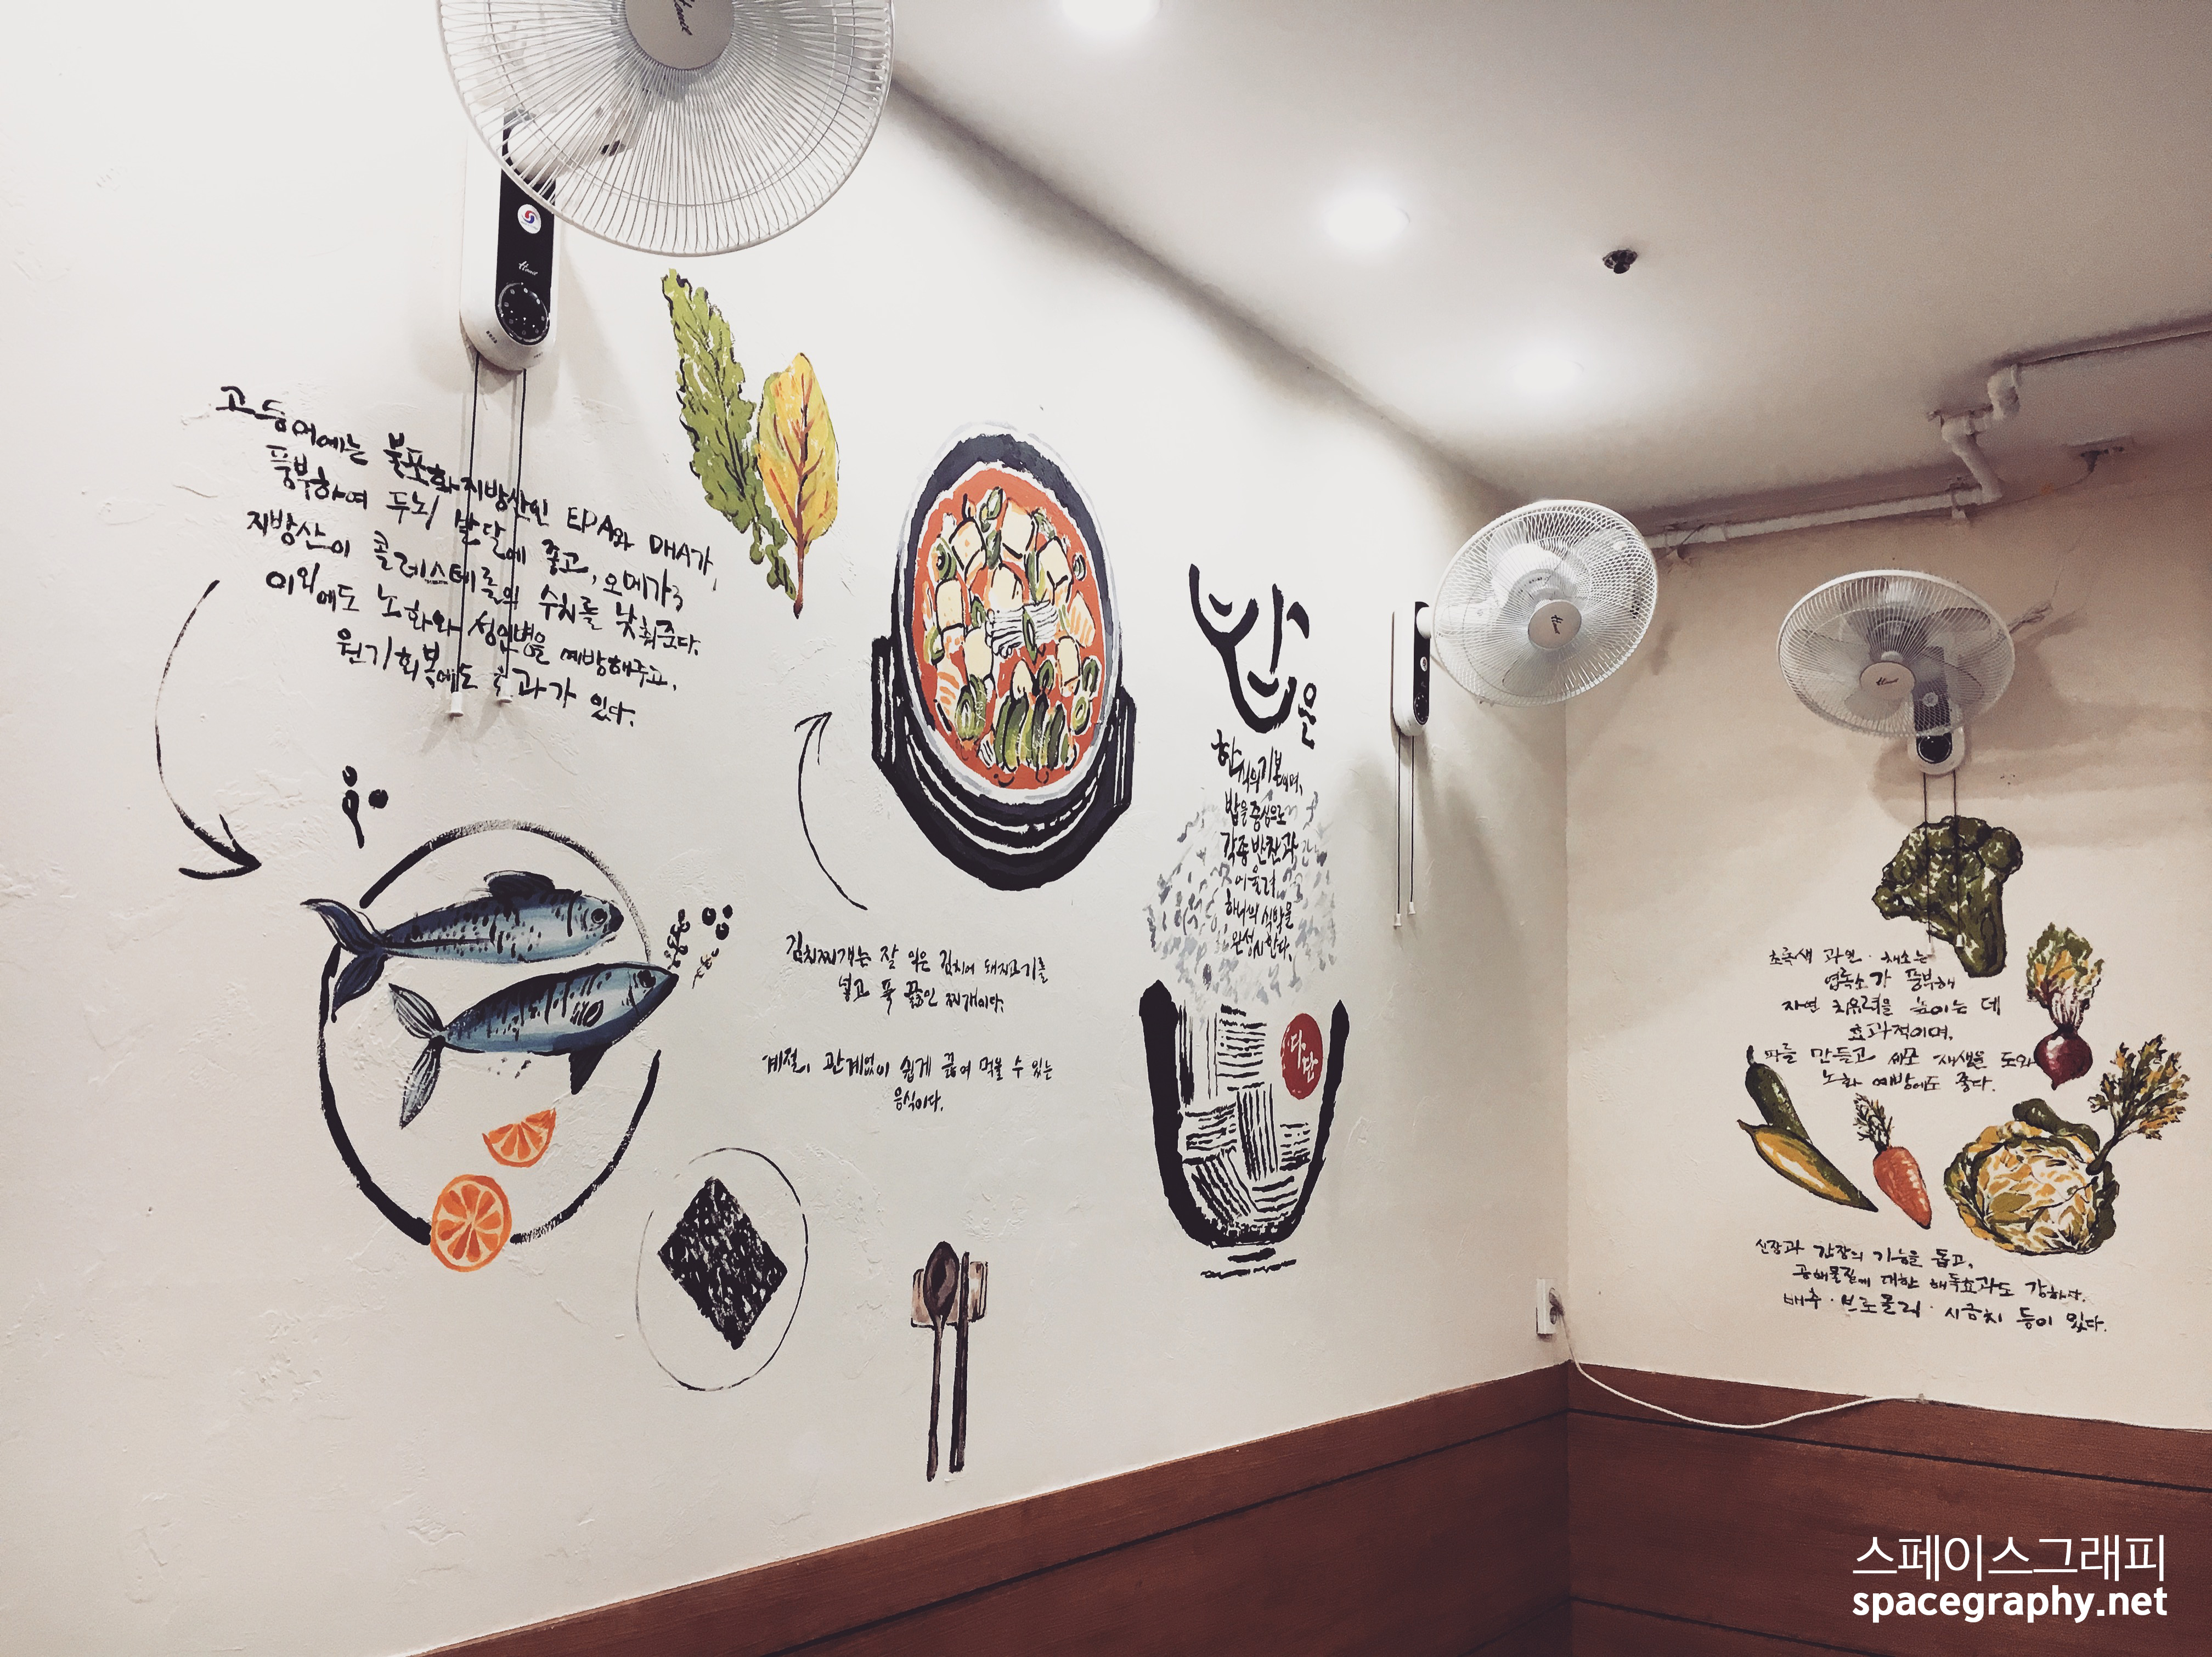 식당벽화_음식점벽화_실내벽화_인테리어벽화_식당인테리어_음식점인테리어_메뉴판벽화_음식벽화_8